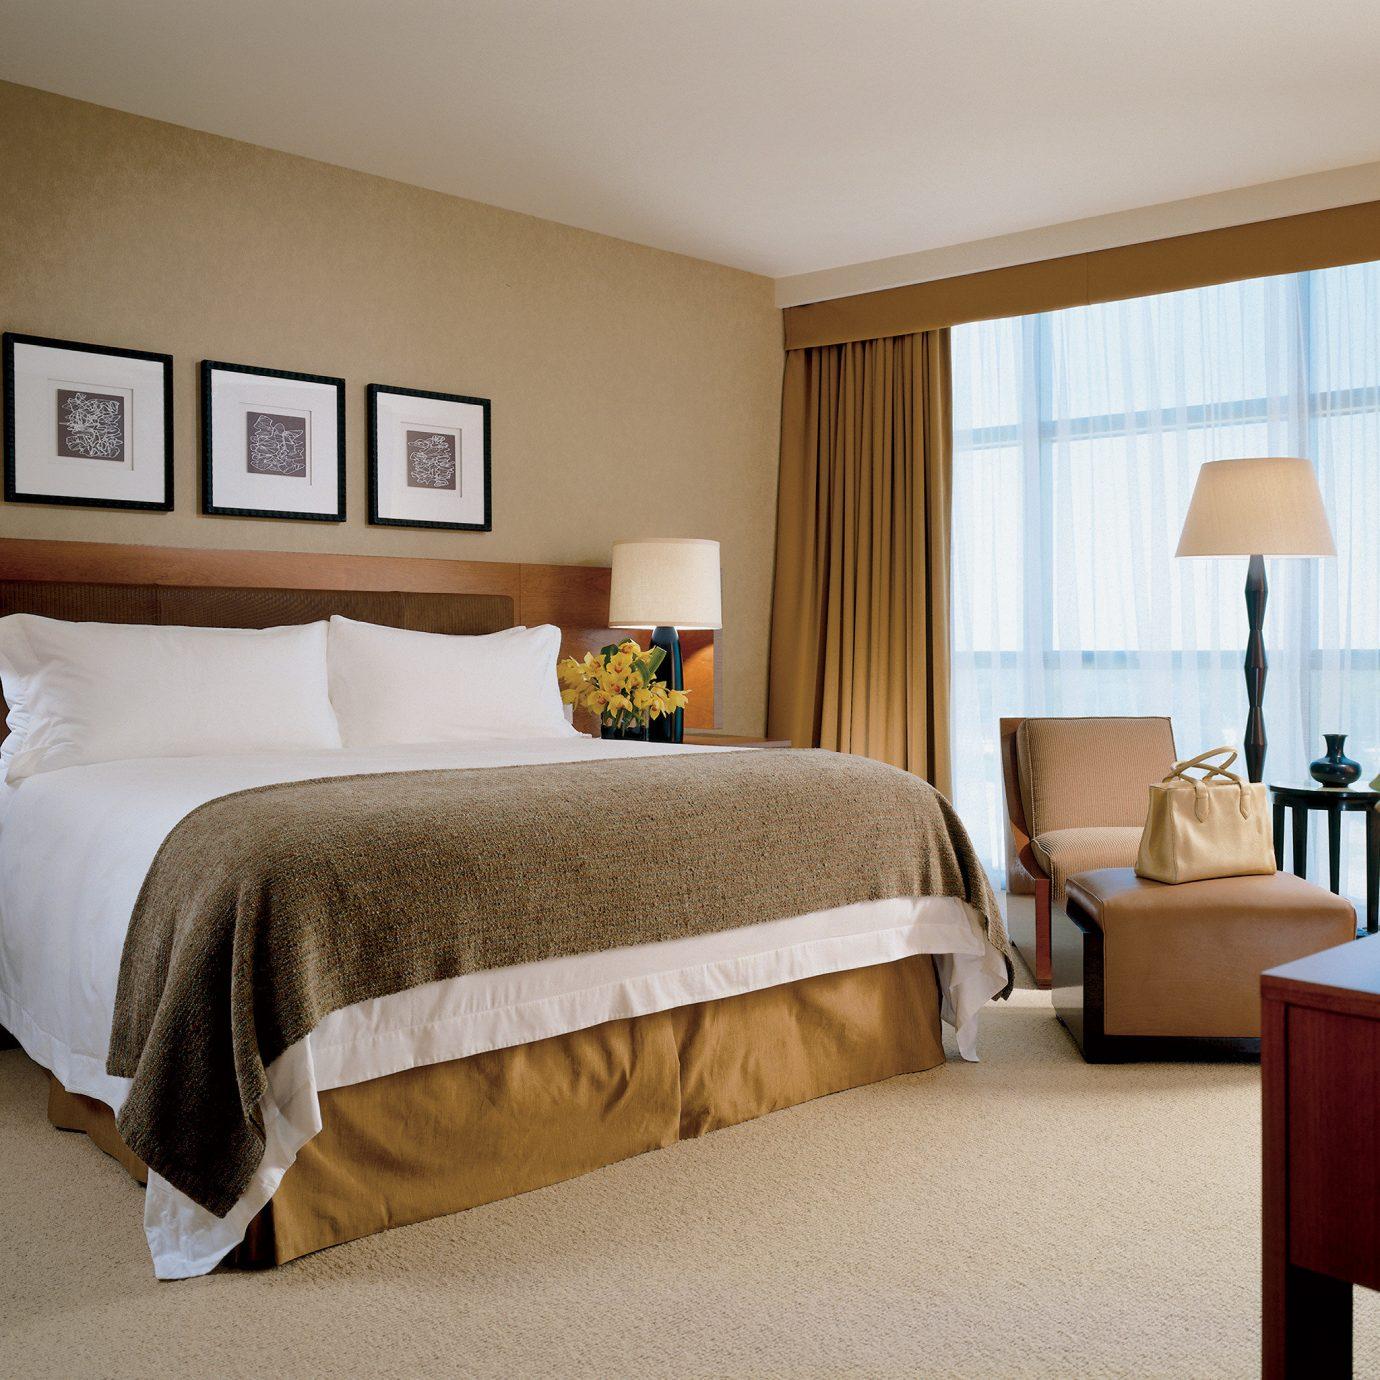 Bedroom Luxury Modern Suite property desk home hardwood cottage bed sheet lamp